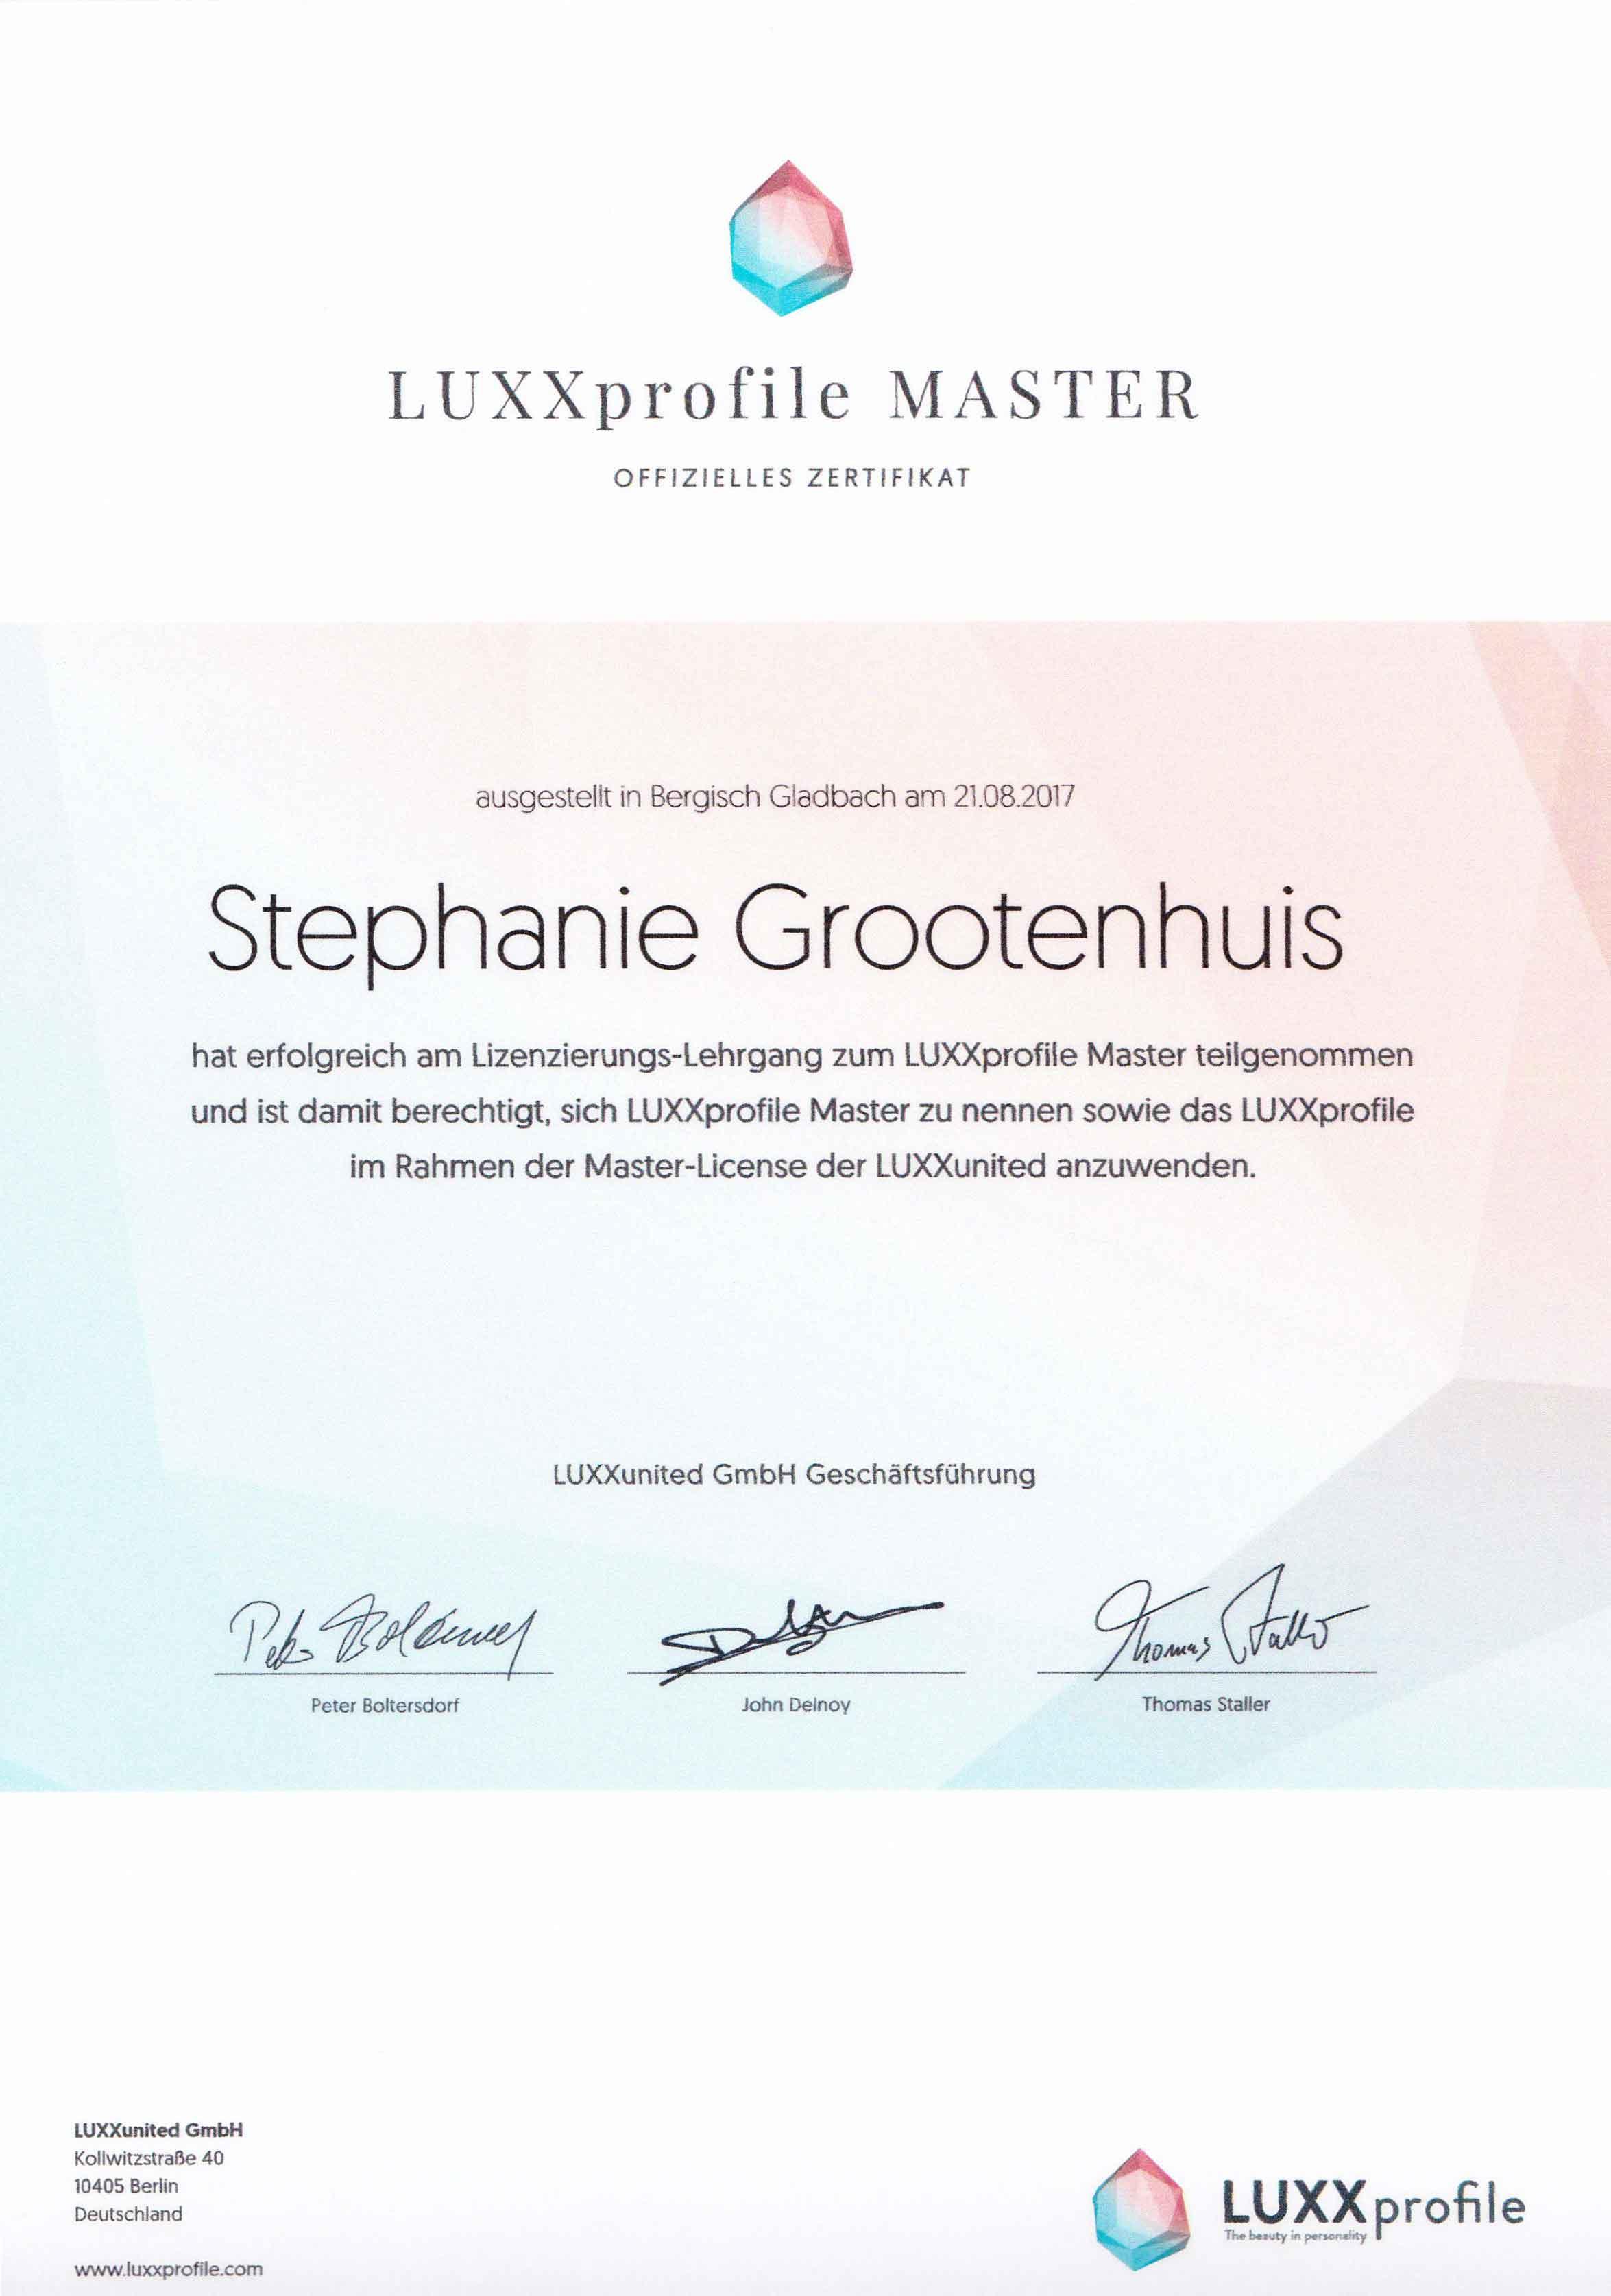 LUXXprofile Master www.luxxprofile.com/de